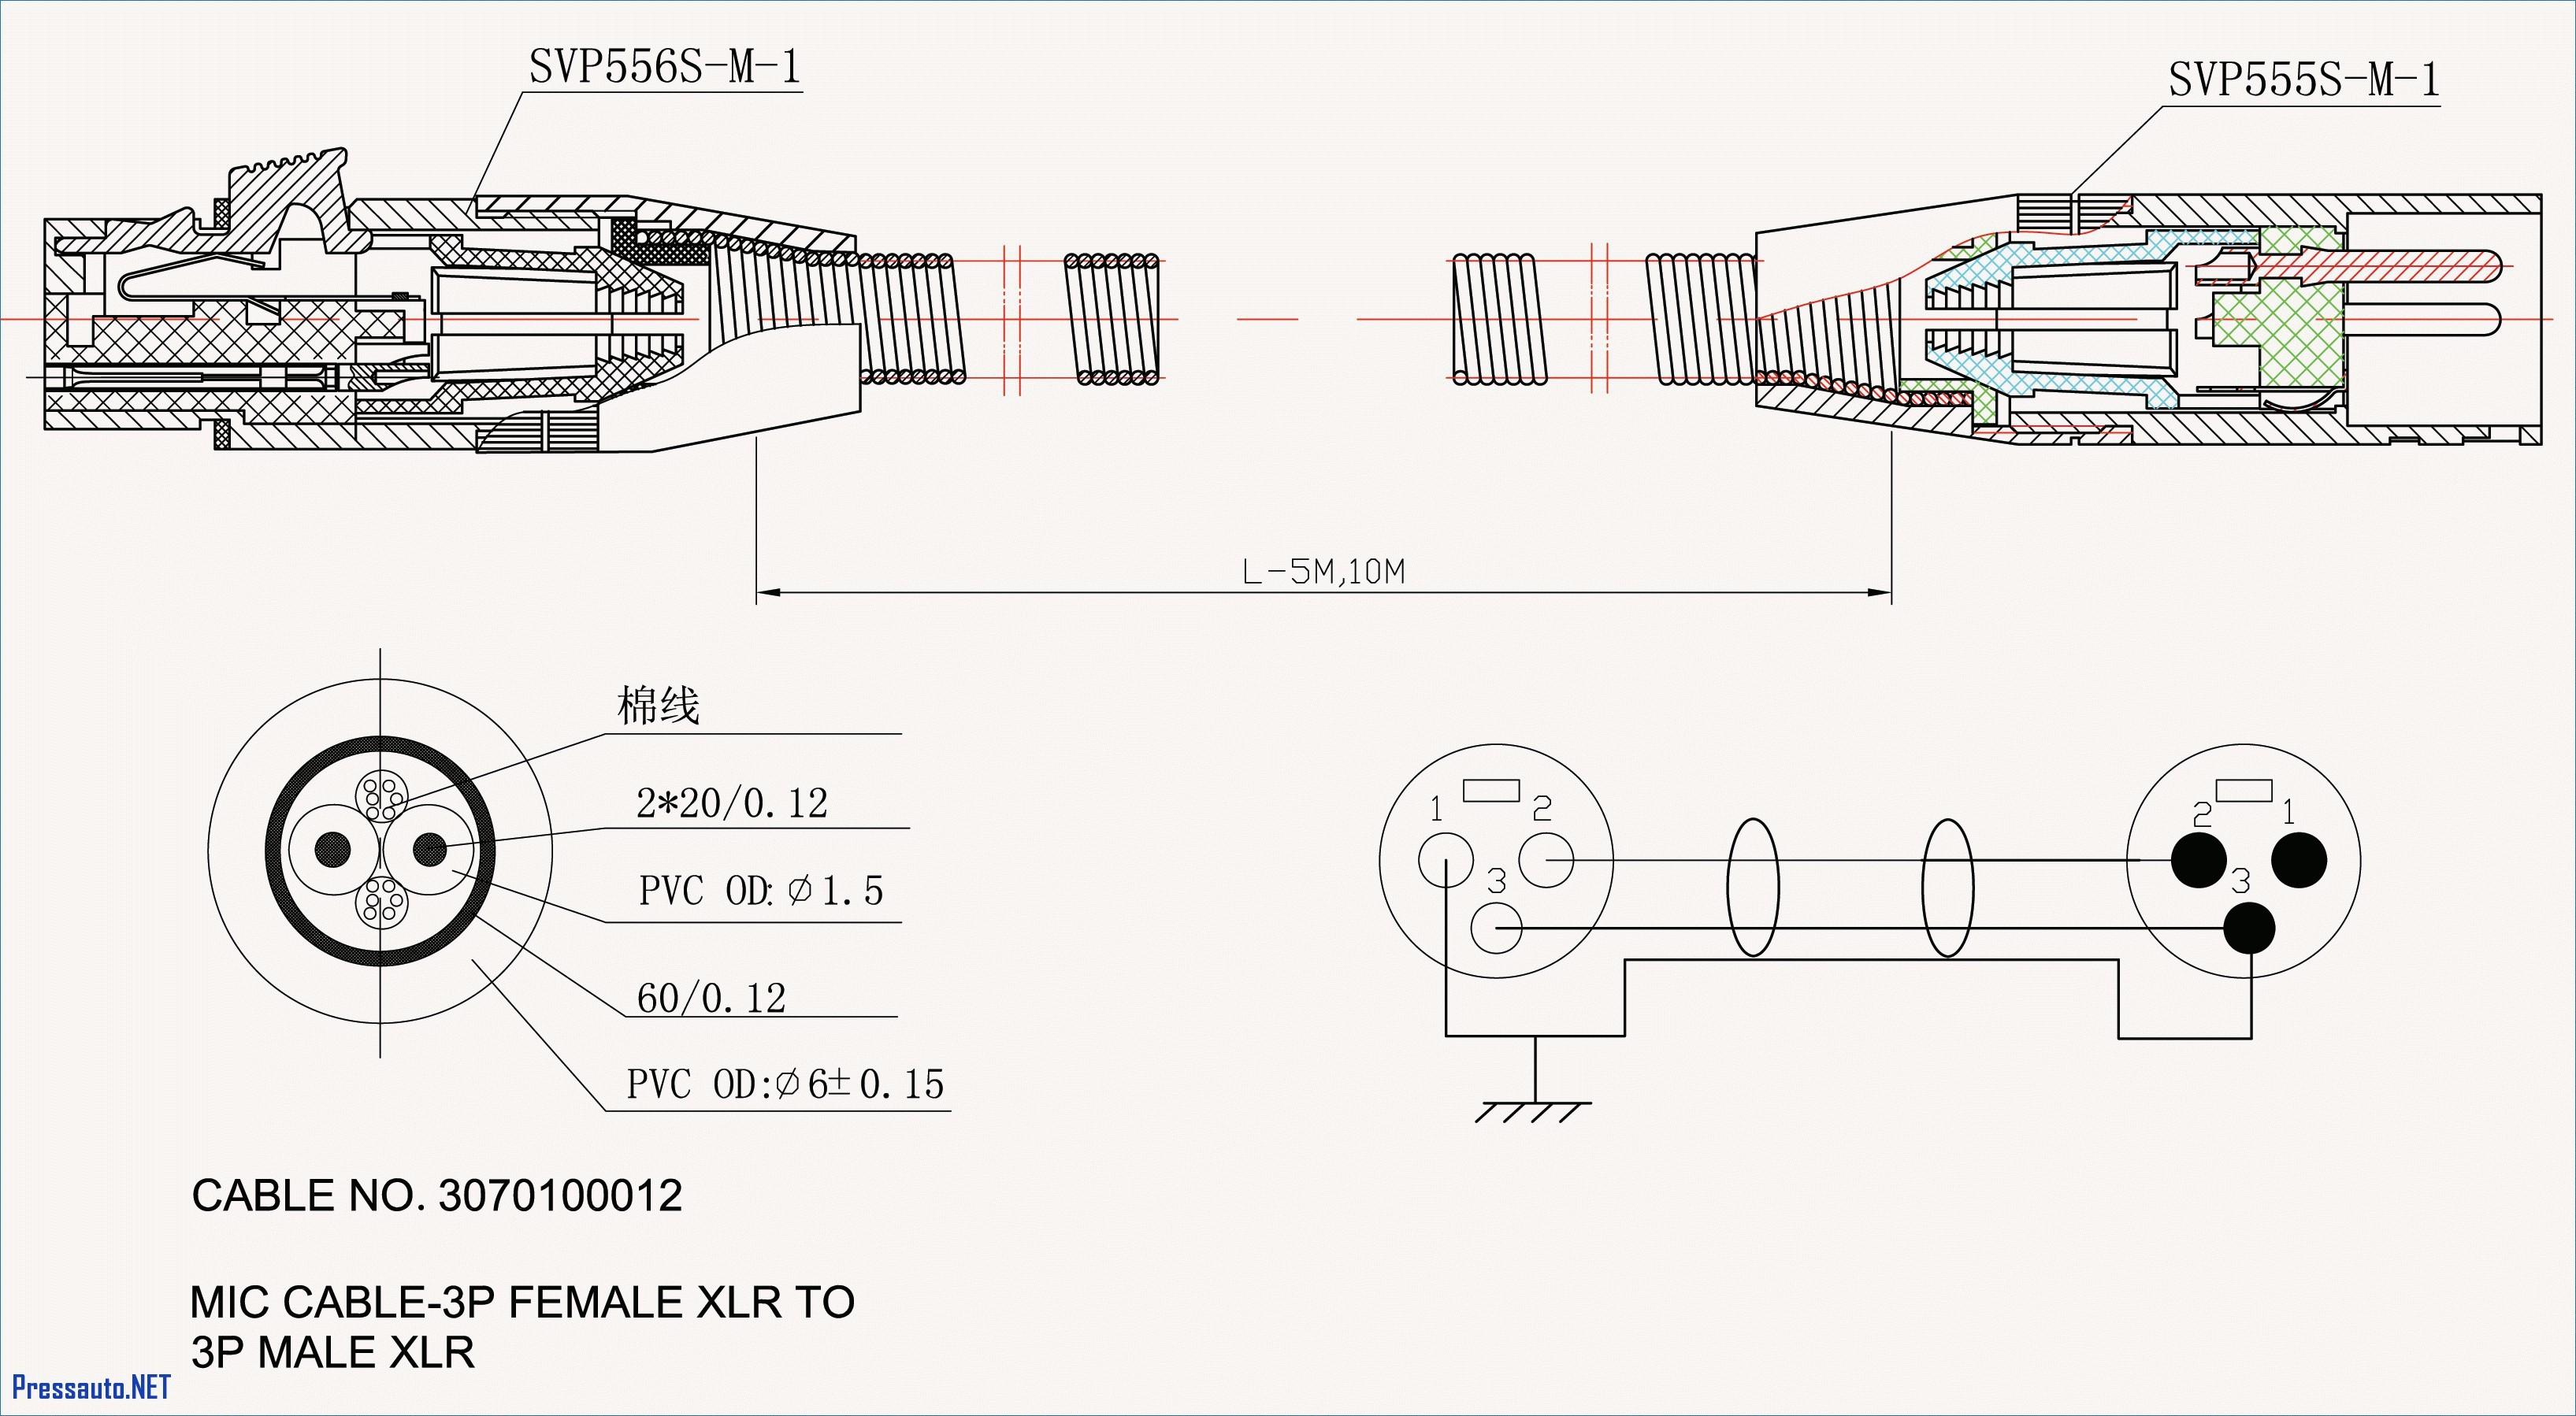 Hydraulic Pump Wiring Diagram Electrical Circuit 3 5 Mm To Rca Wiring Diagram Kti Hydraulic Pump Wiring Diagram Electrical Circuit Gm Headlight Switch